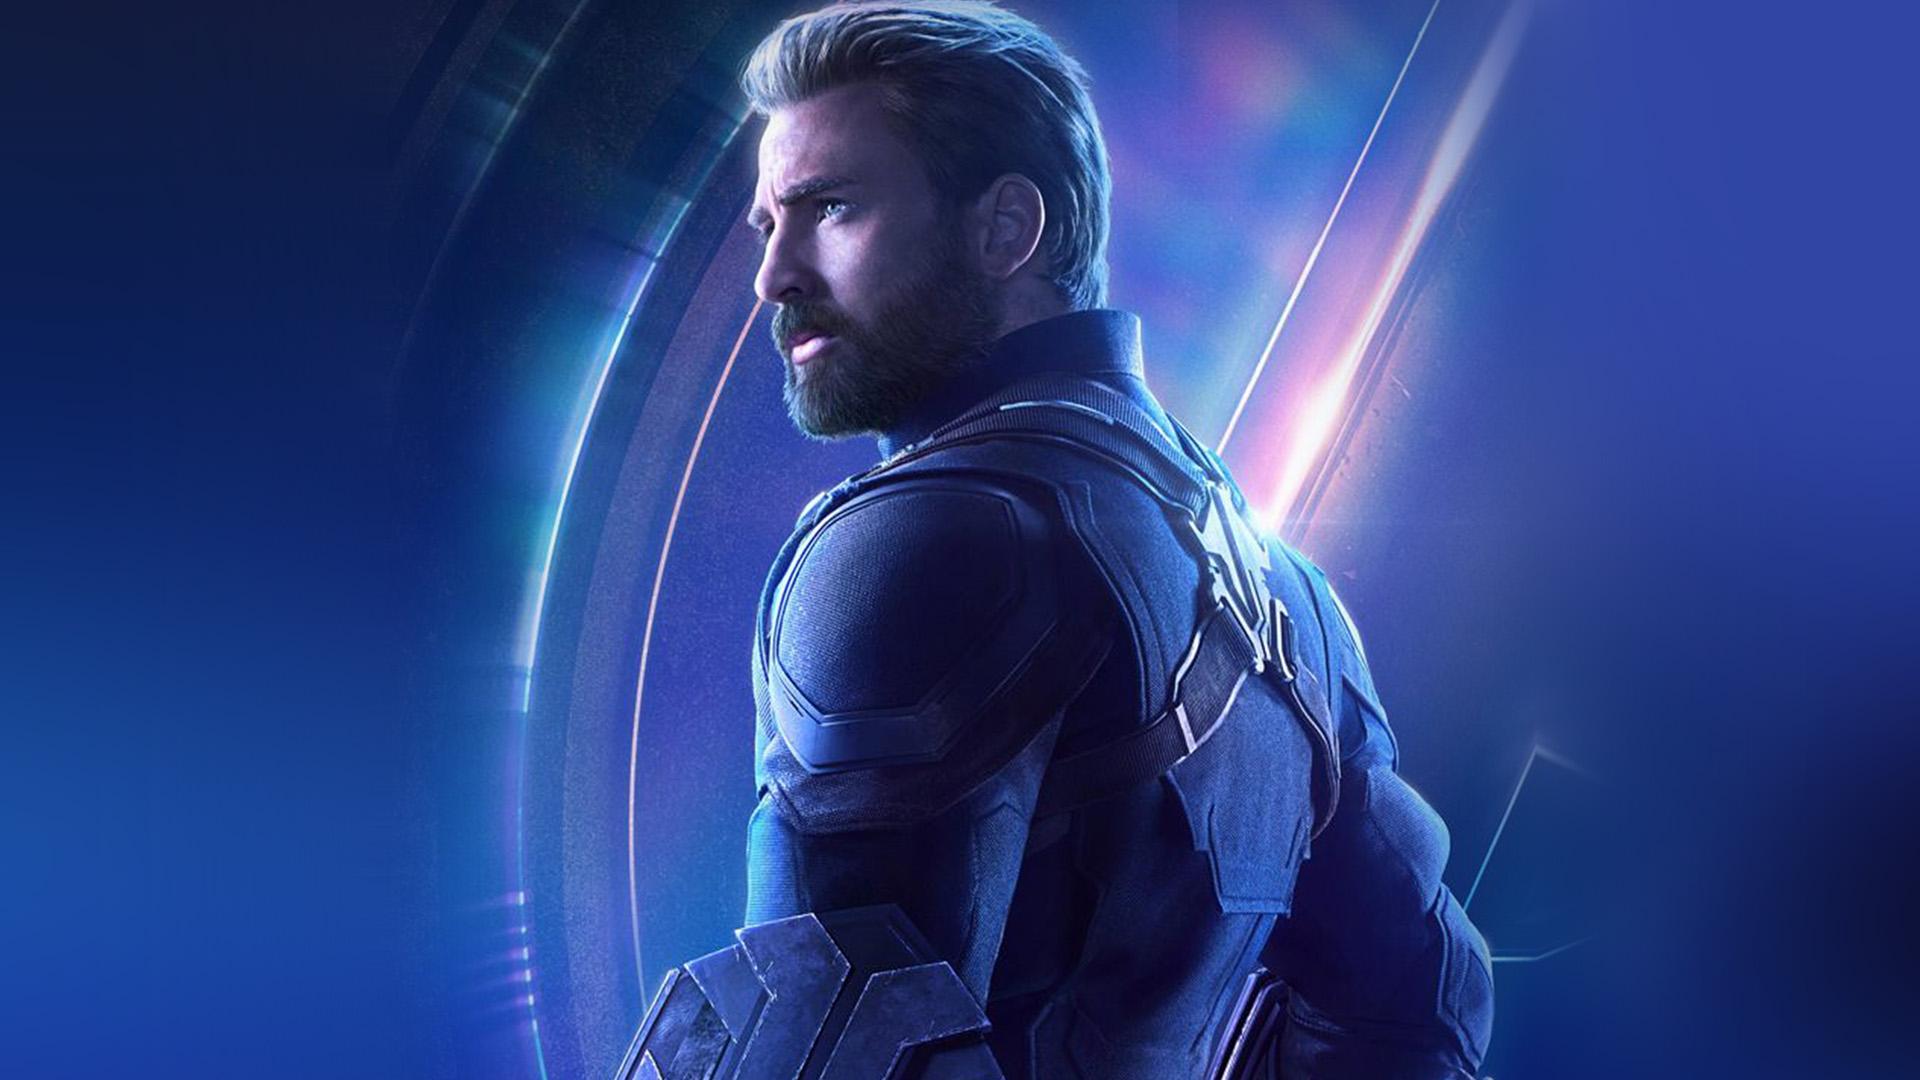 Be86 Captain America Avengers Hero Chris Evans Film Art Wallpaper